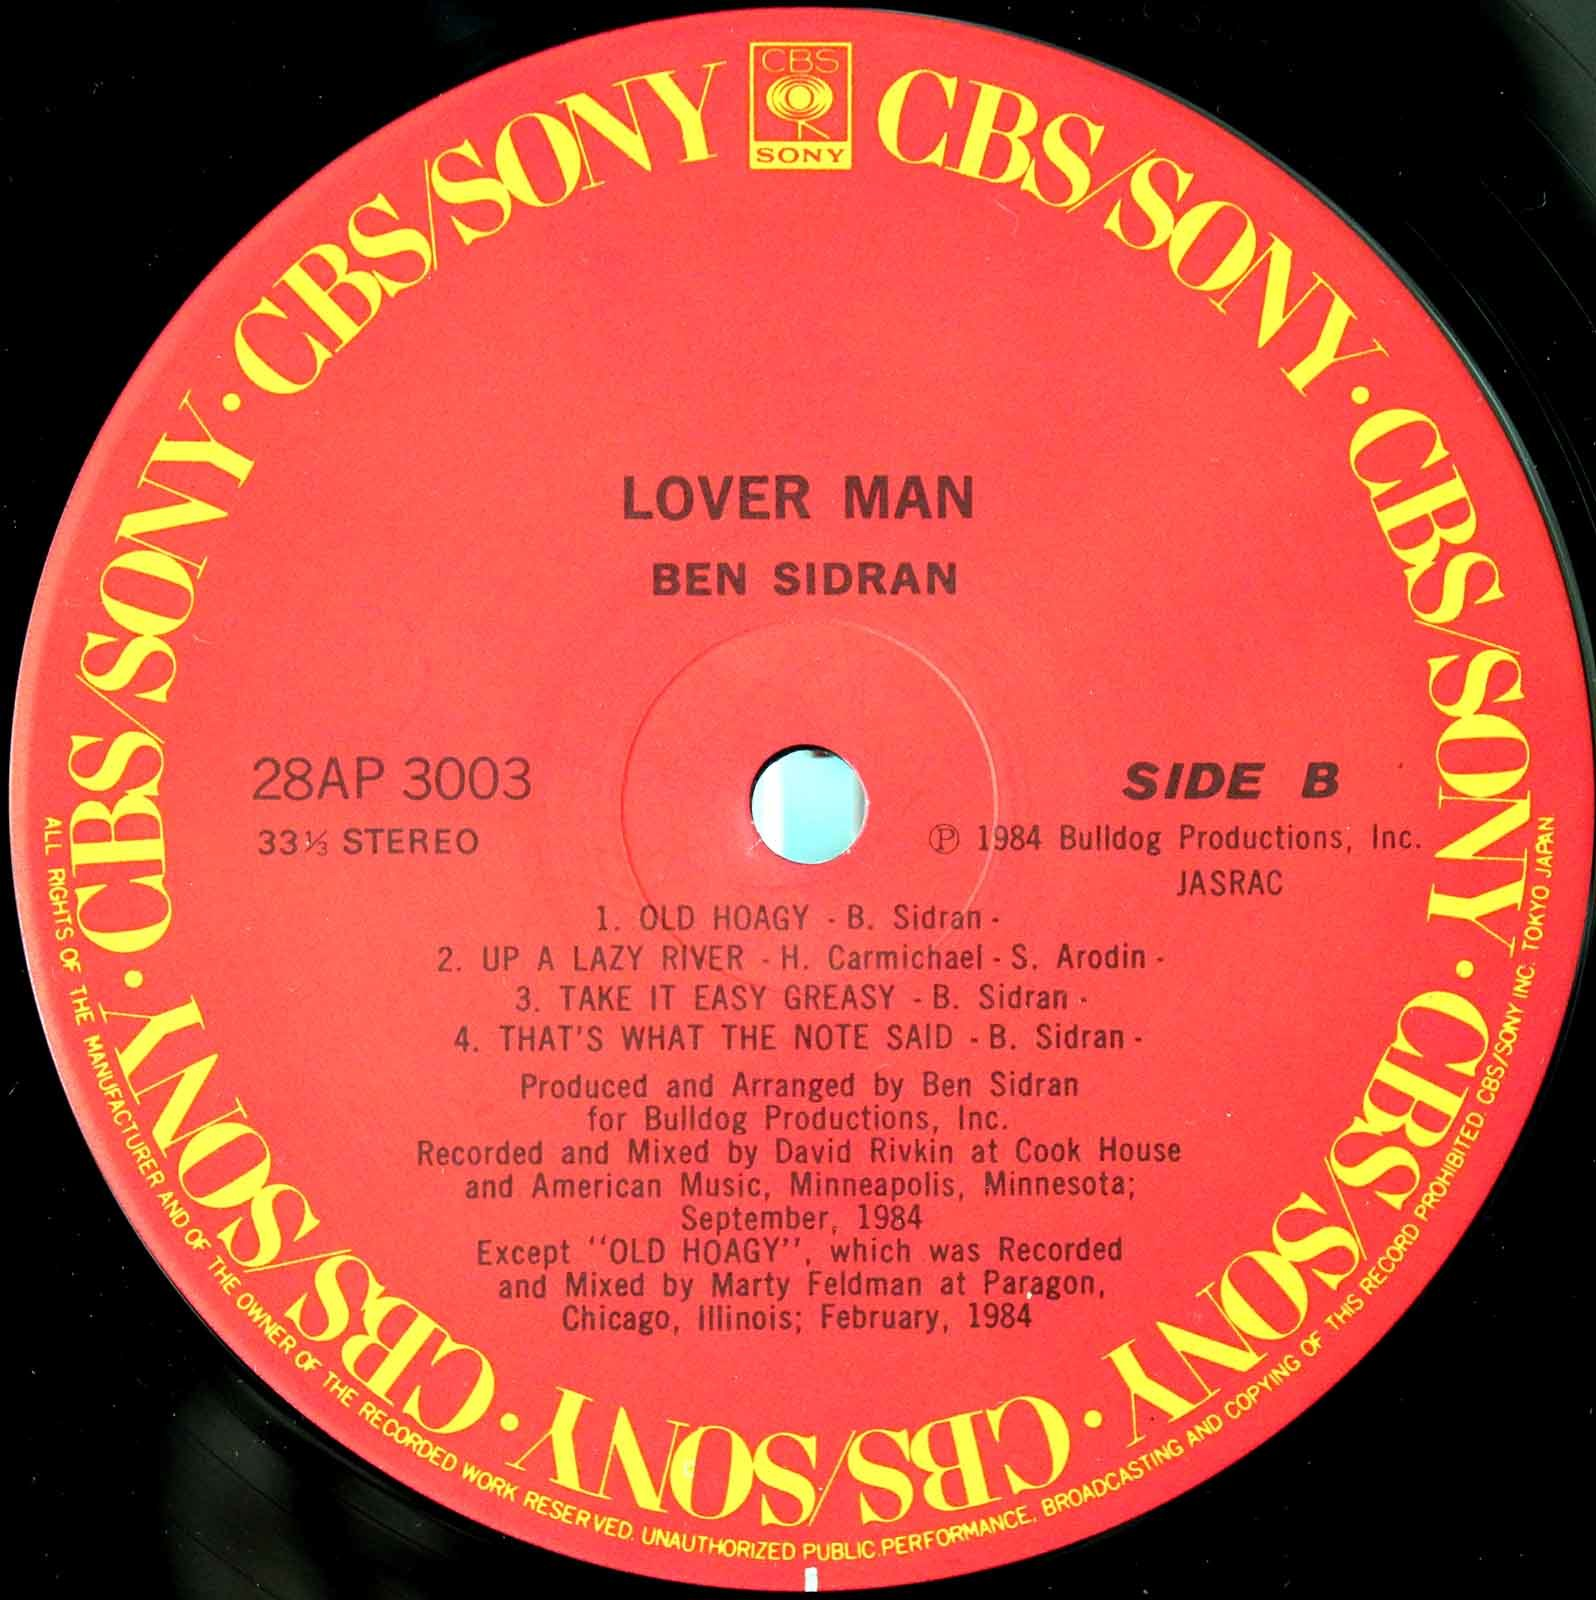 Ben Sidran - Lover Man 04